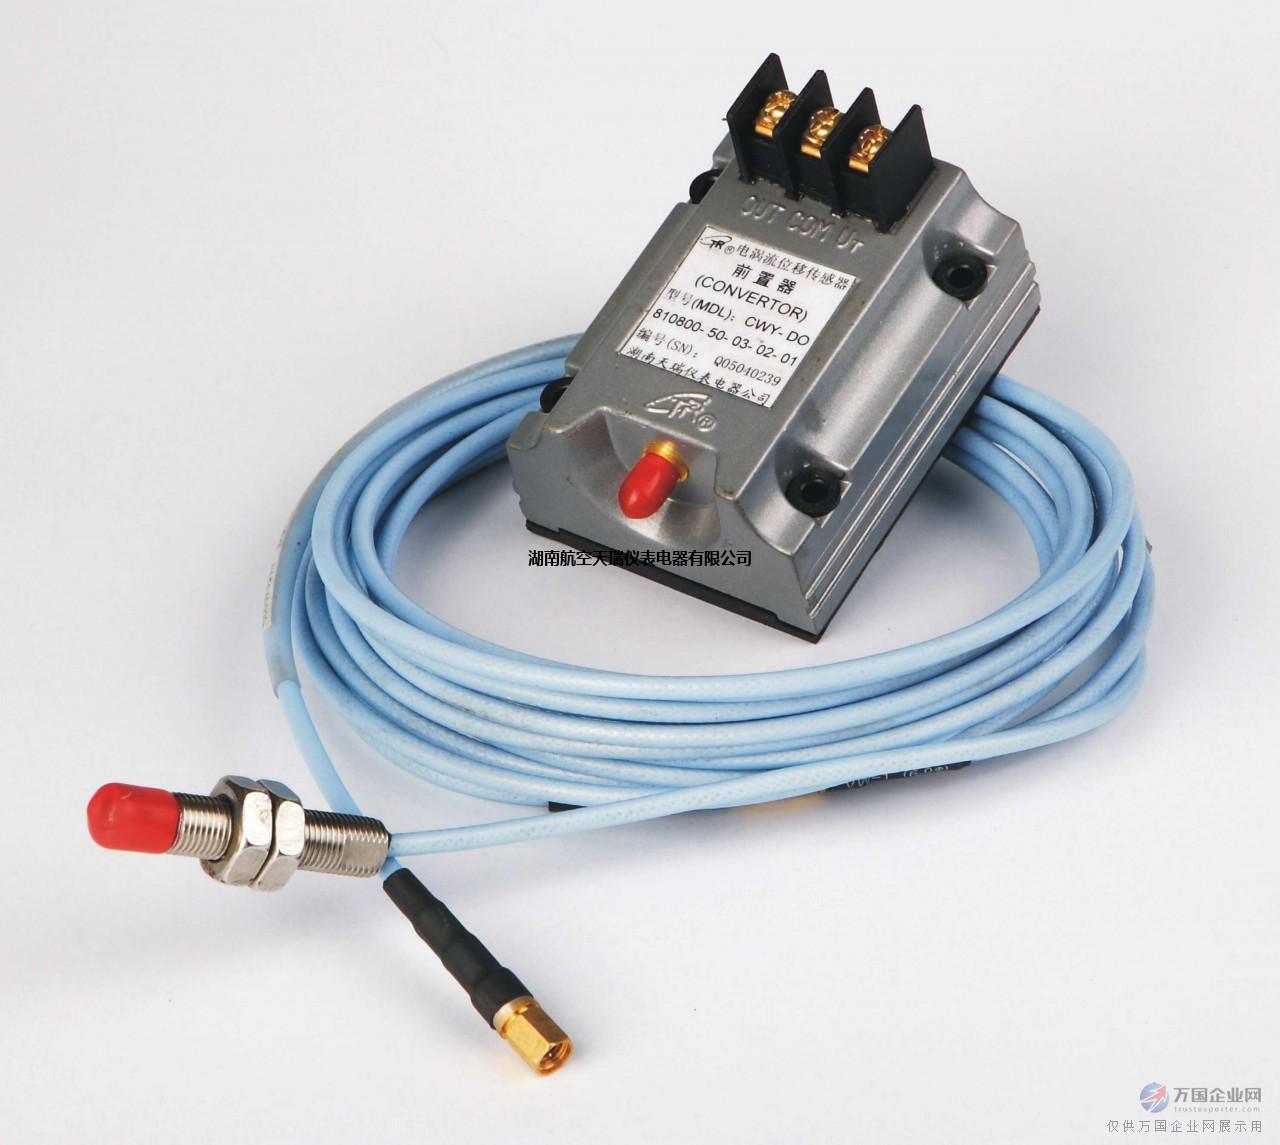 湖南天瑞TR81电涡流位移传感器——键相传感器